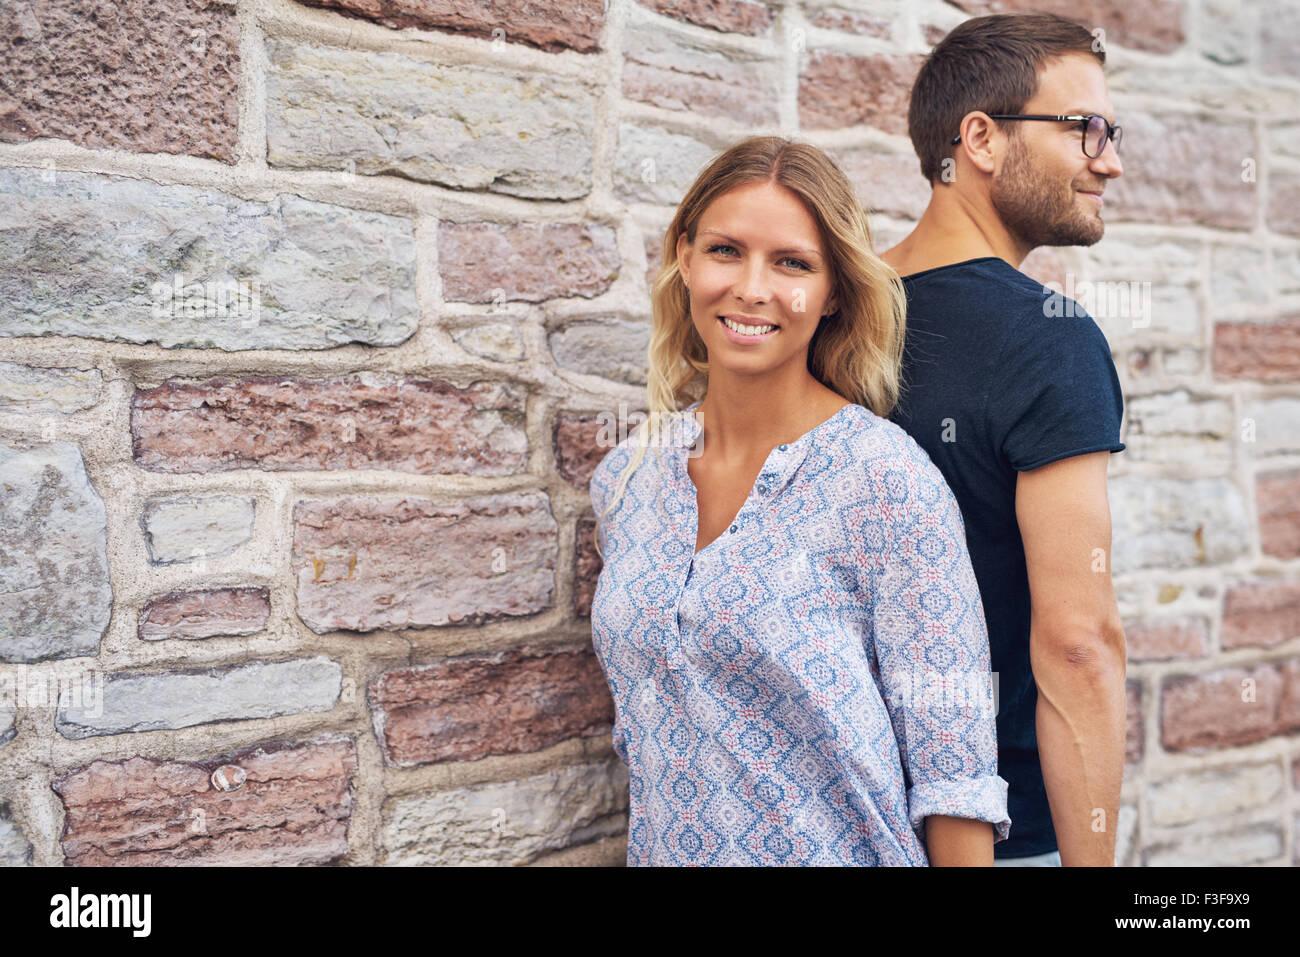 Paar steht mit dem Rücken gegen einander gegen eine Wand. Stockbild